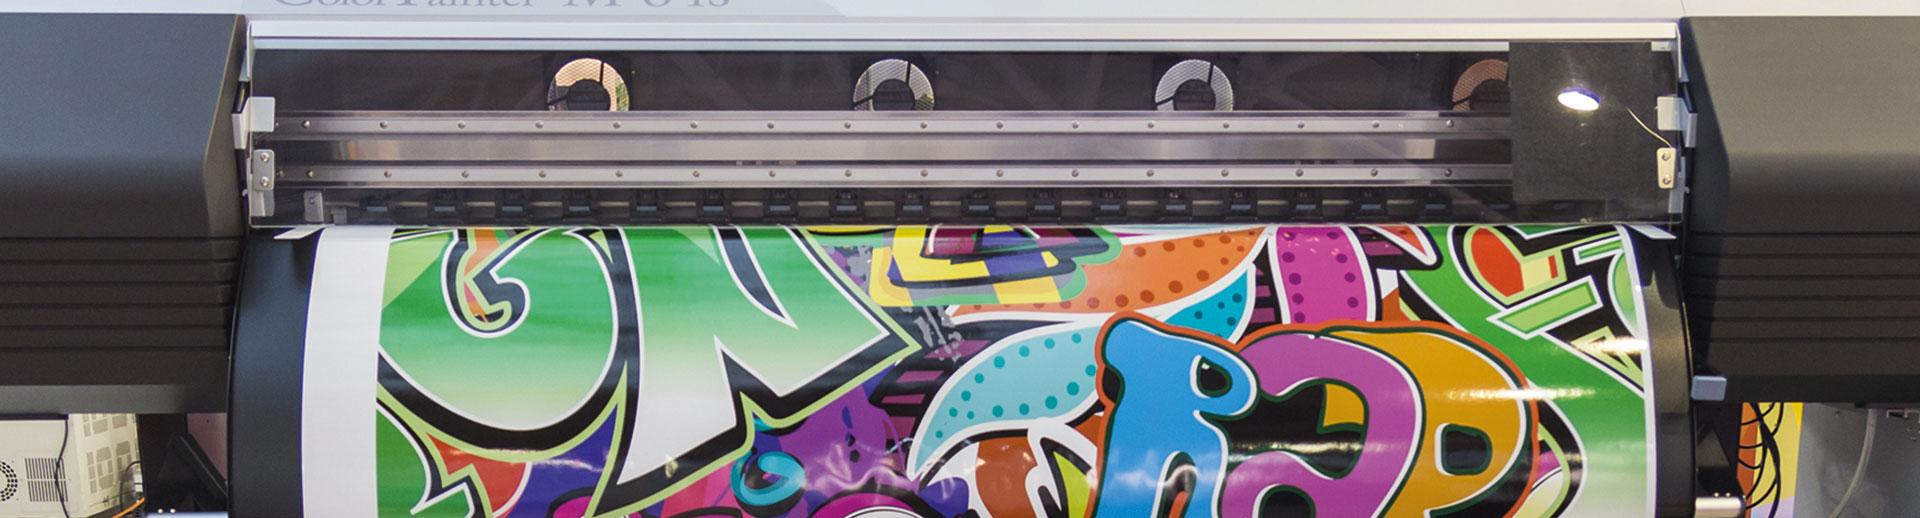 Ausdruck von Großformatdrucker von HplusB Design